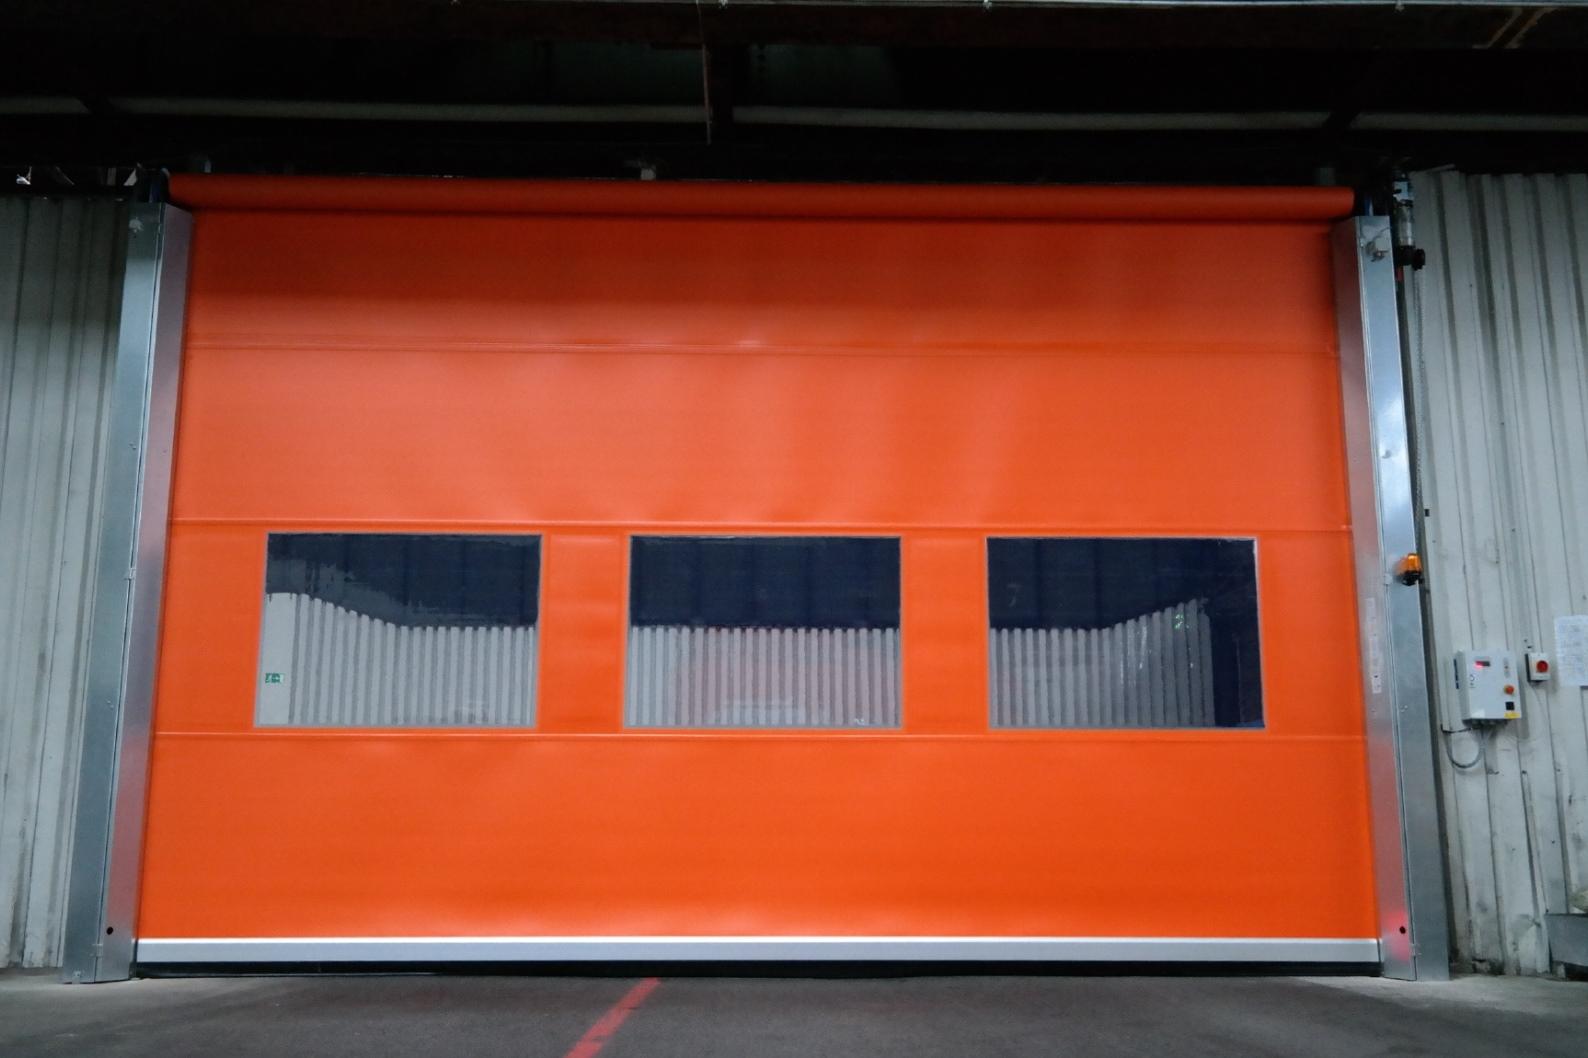 Schnelllauftor Transrapid